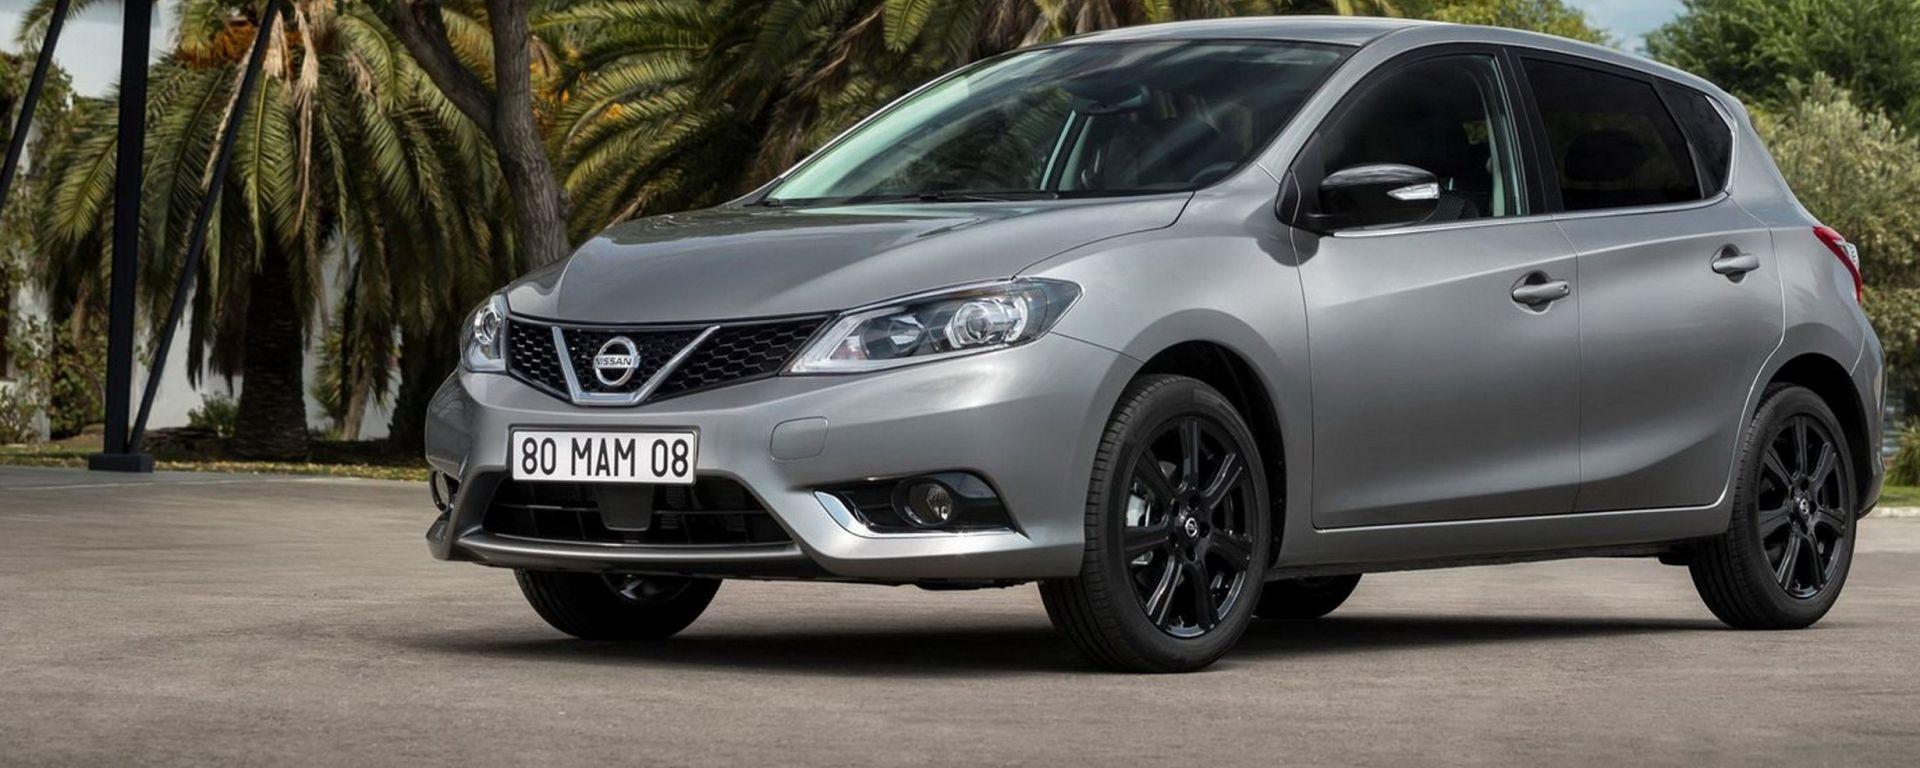 Nissan Pulsar: la berlina giapponese esce di produzione